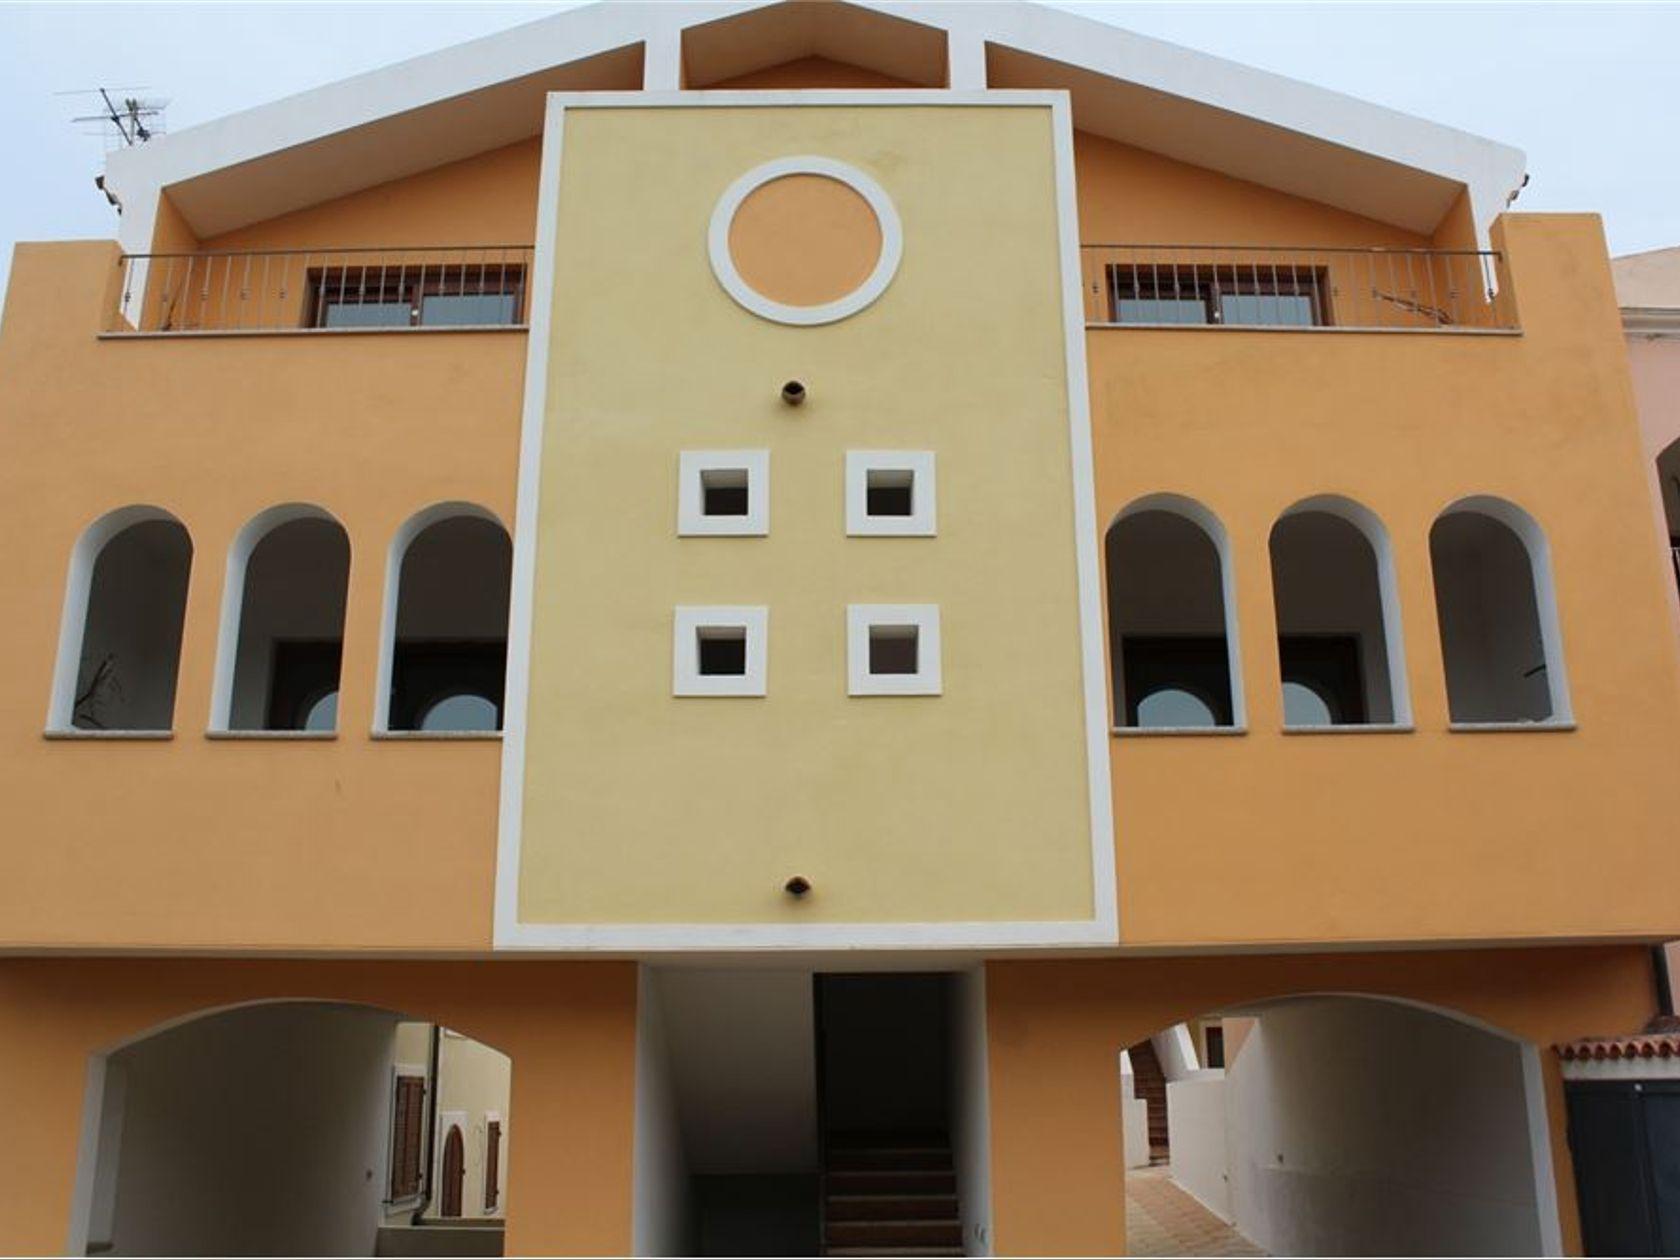 Appartamento Santa Teresa Gallura, OT Vendita - Foto 8